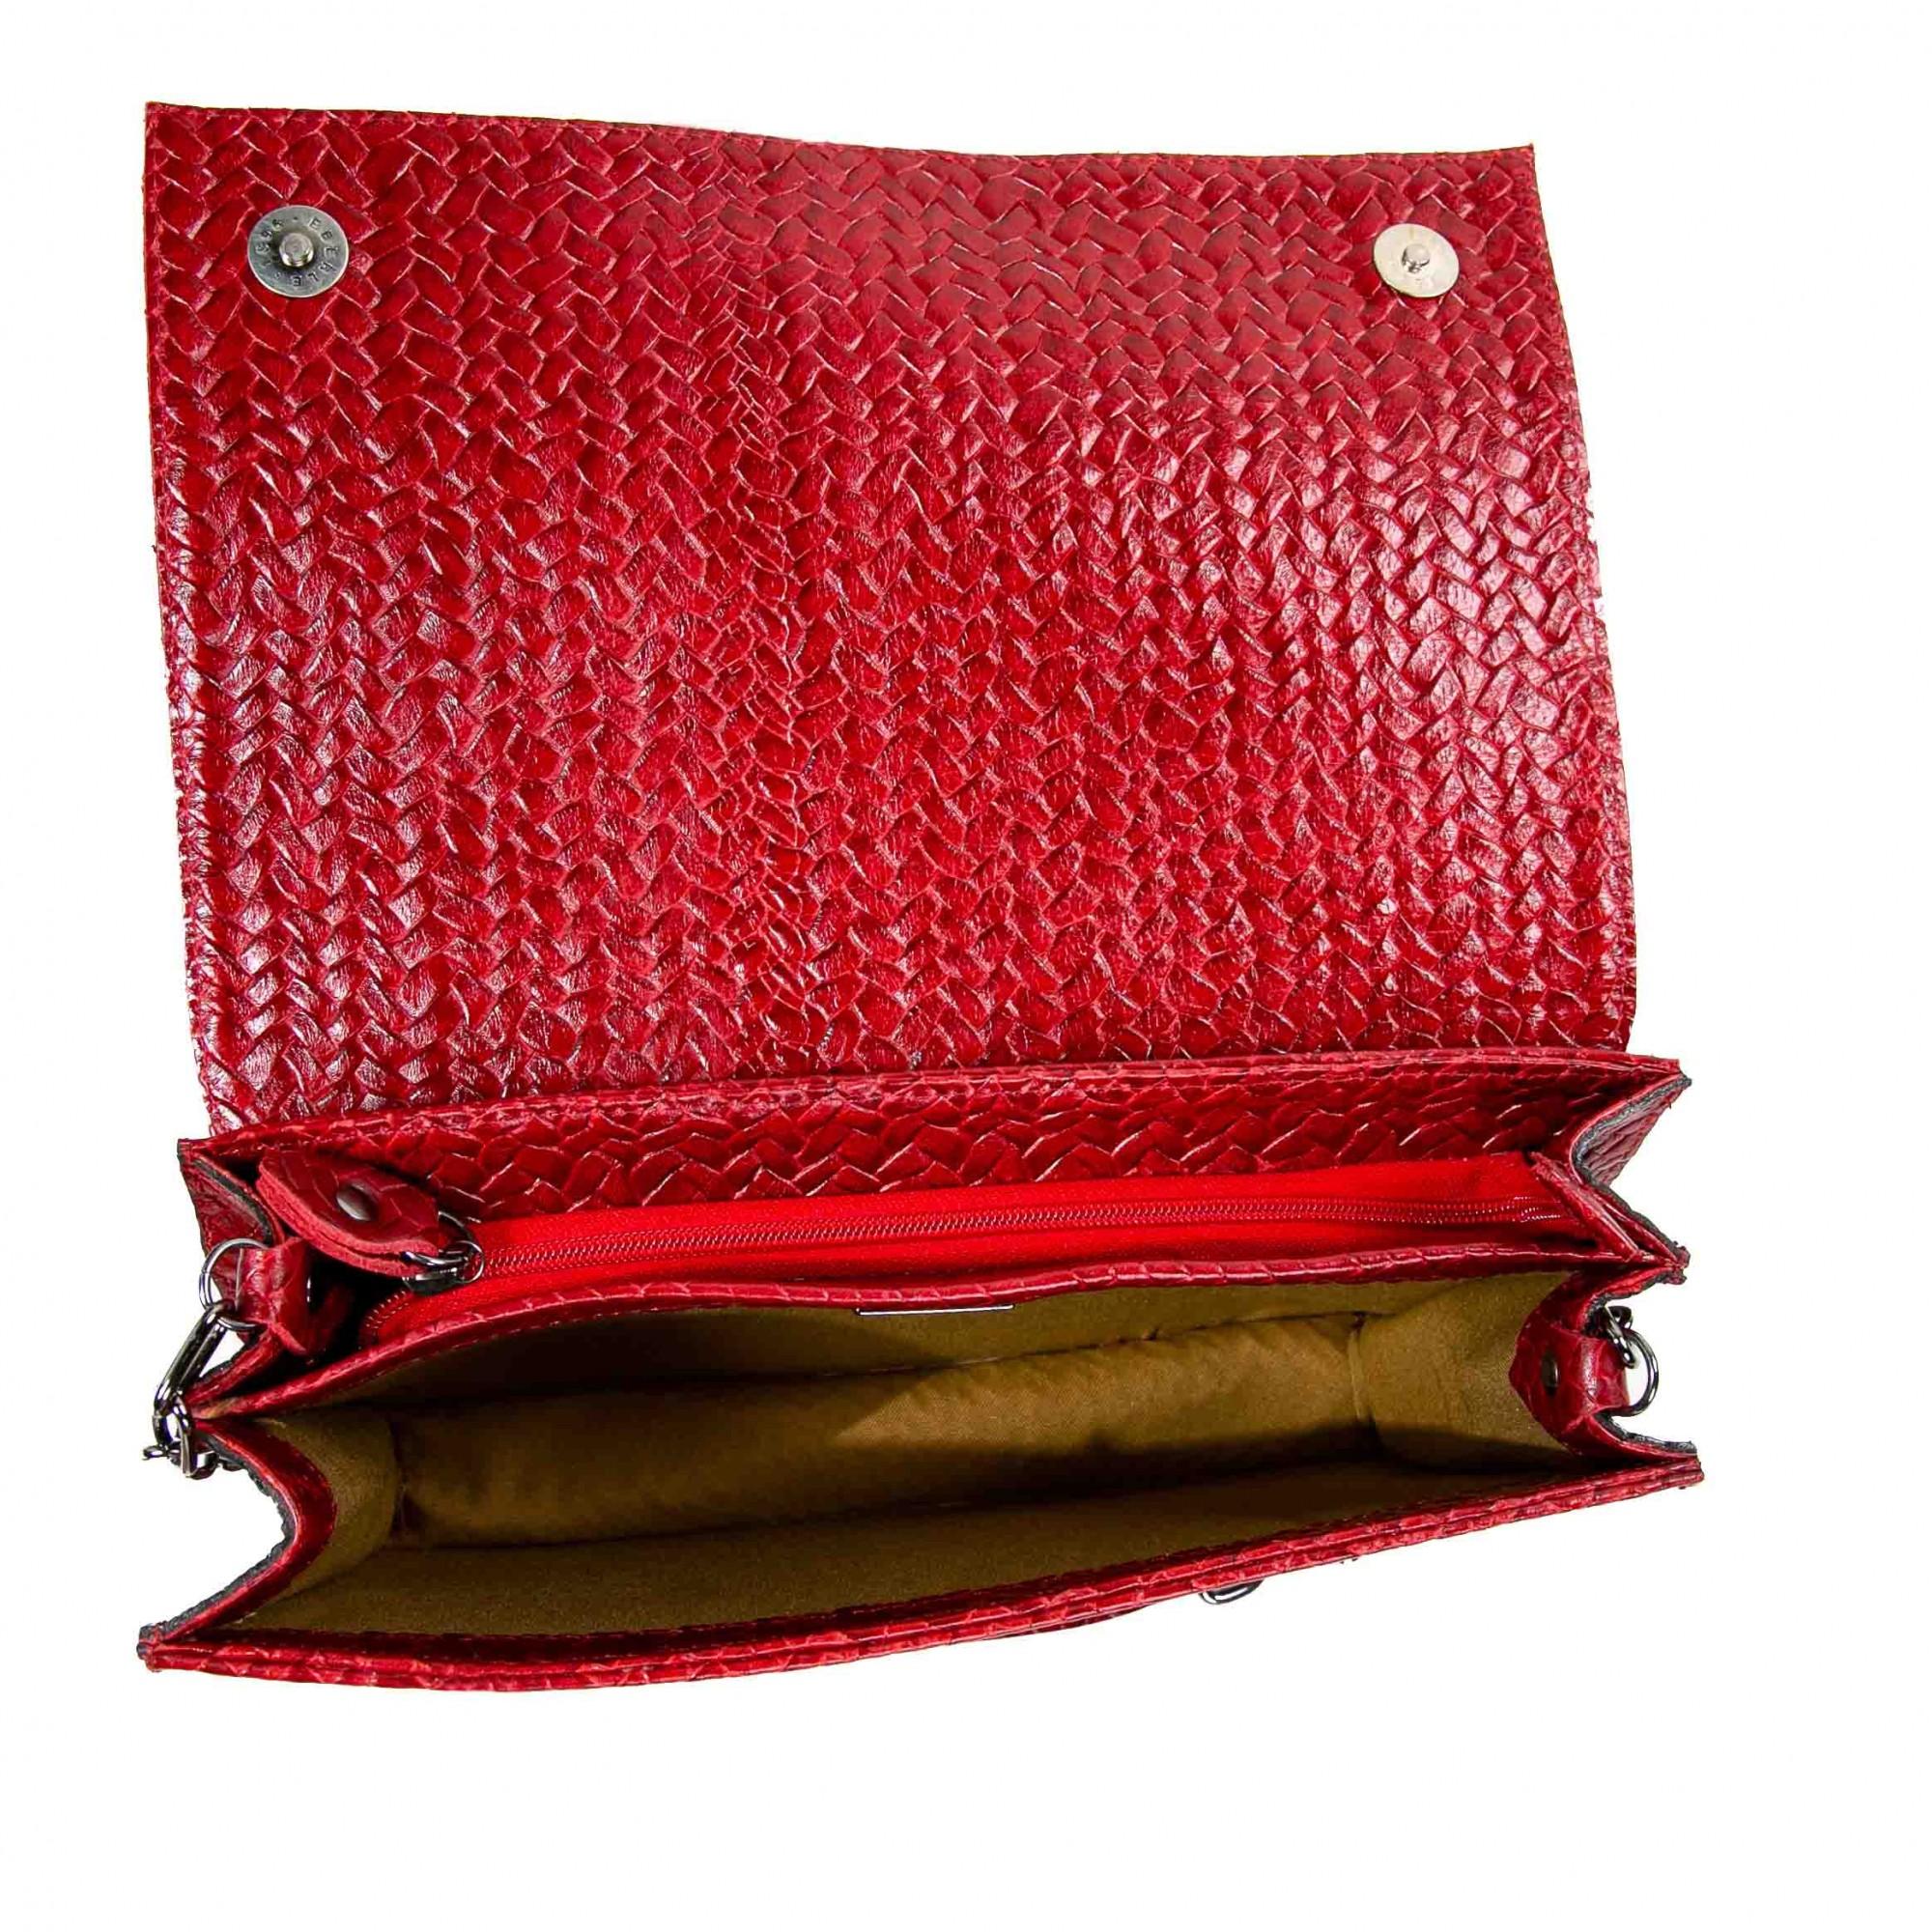 Bolsa estruturada couro tressê bordô